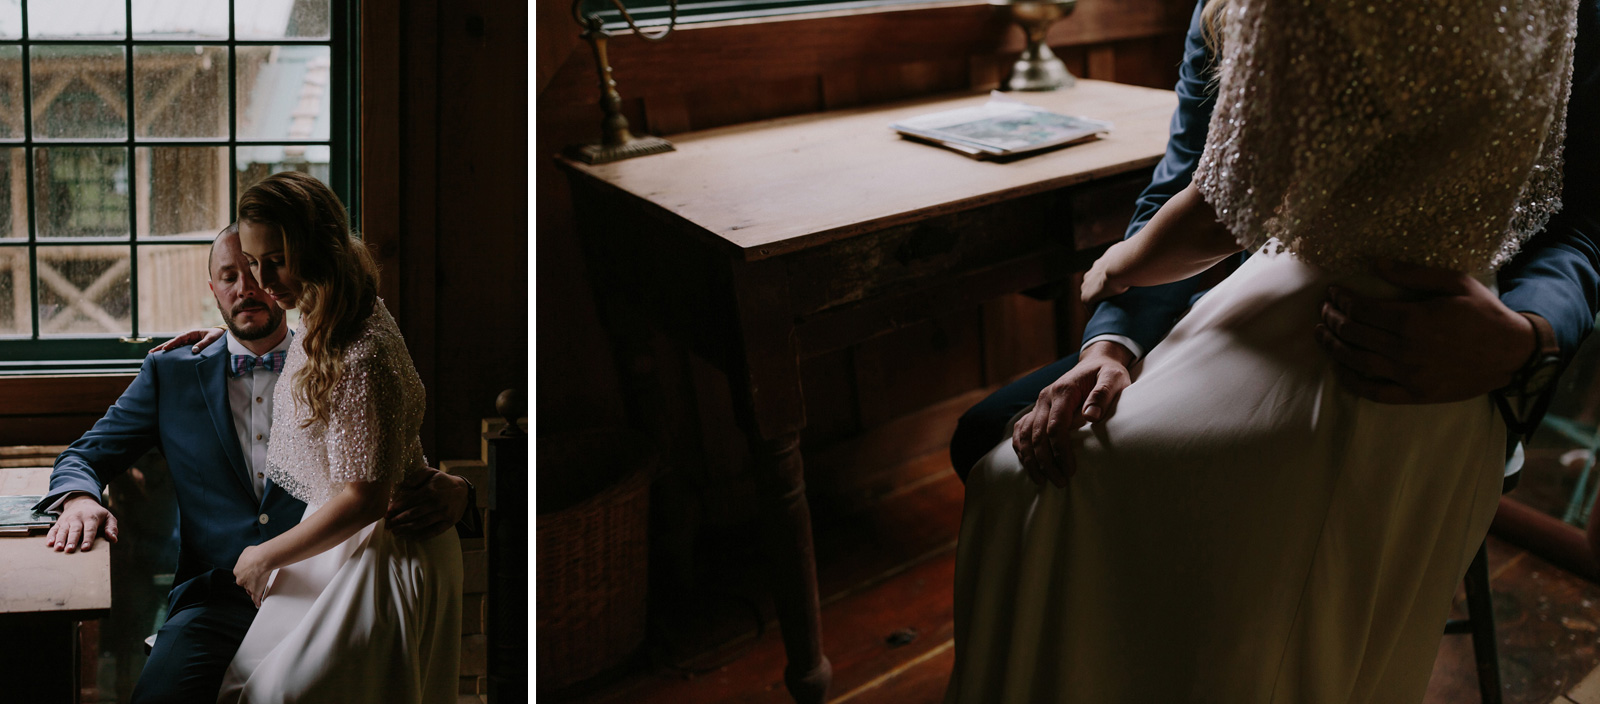 cinematic-wedding-portraits